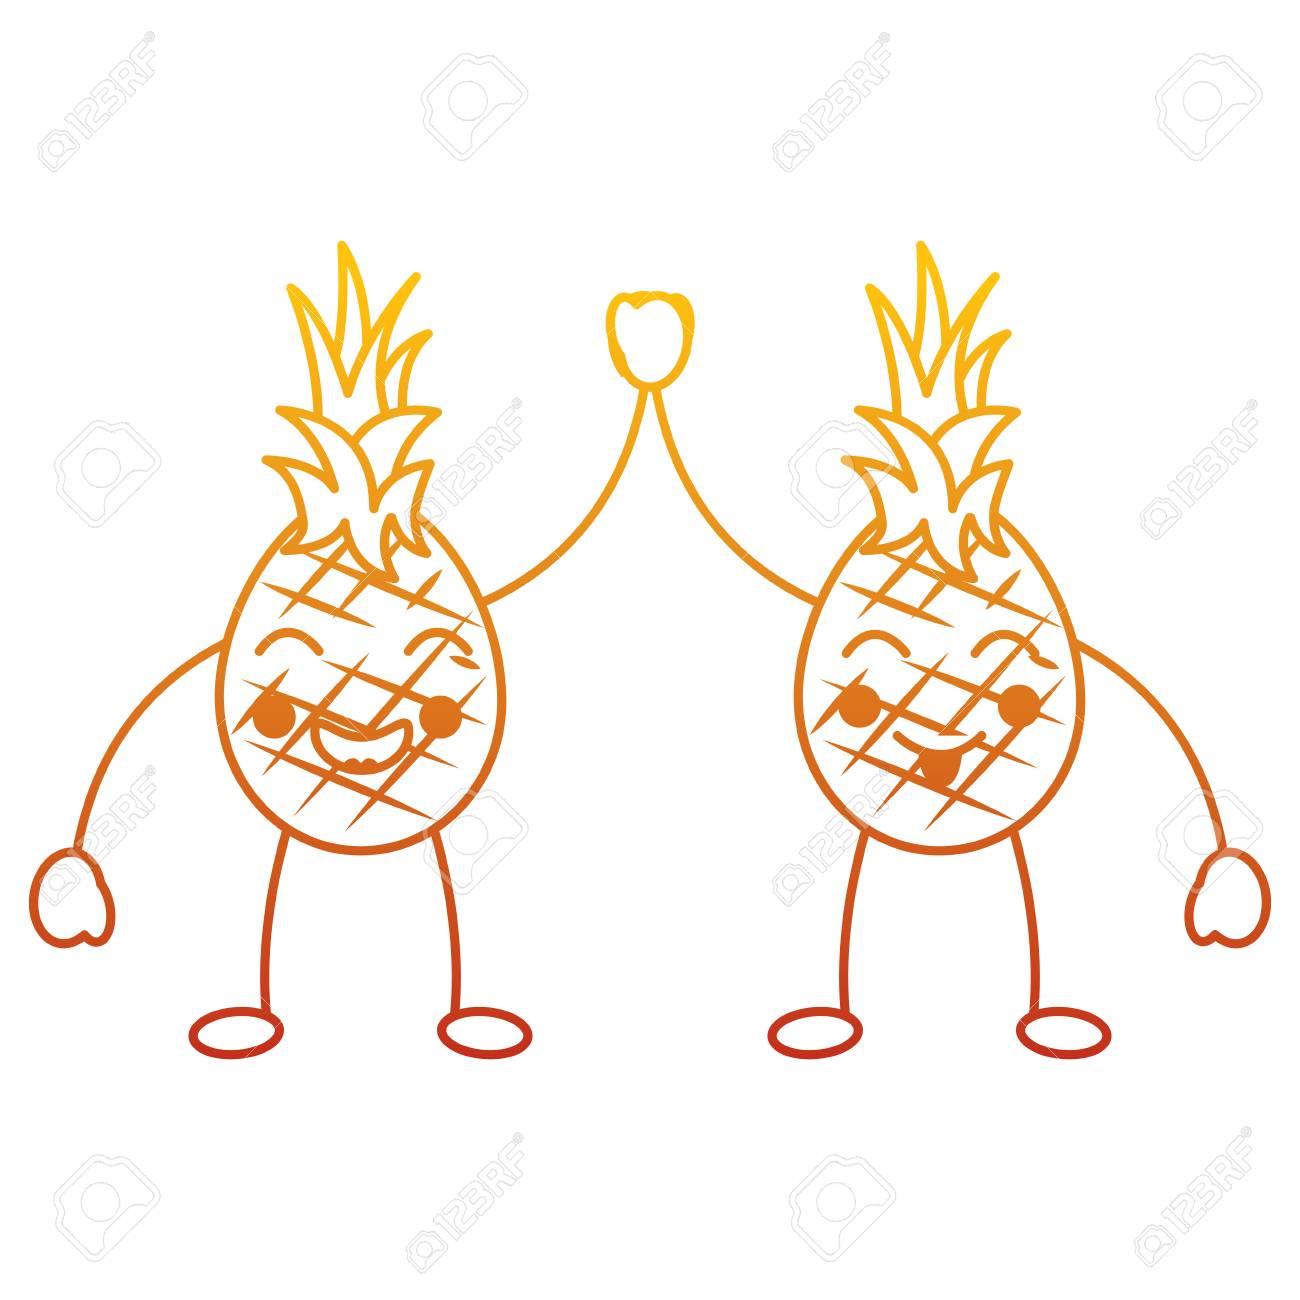 En liquidation 2019 meilleurs site réputé Kawaii deux fruits de dessin animé, illustration vectorielle de personnages  heureux ananas